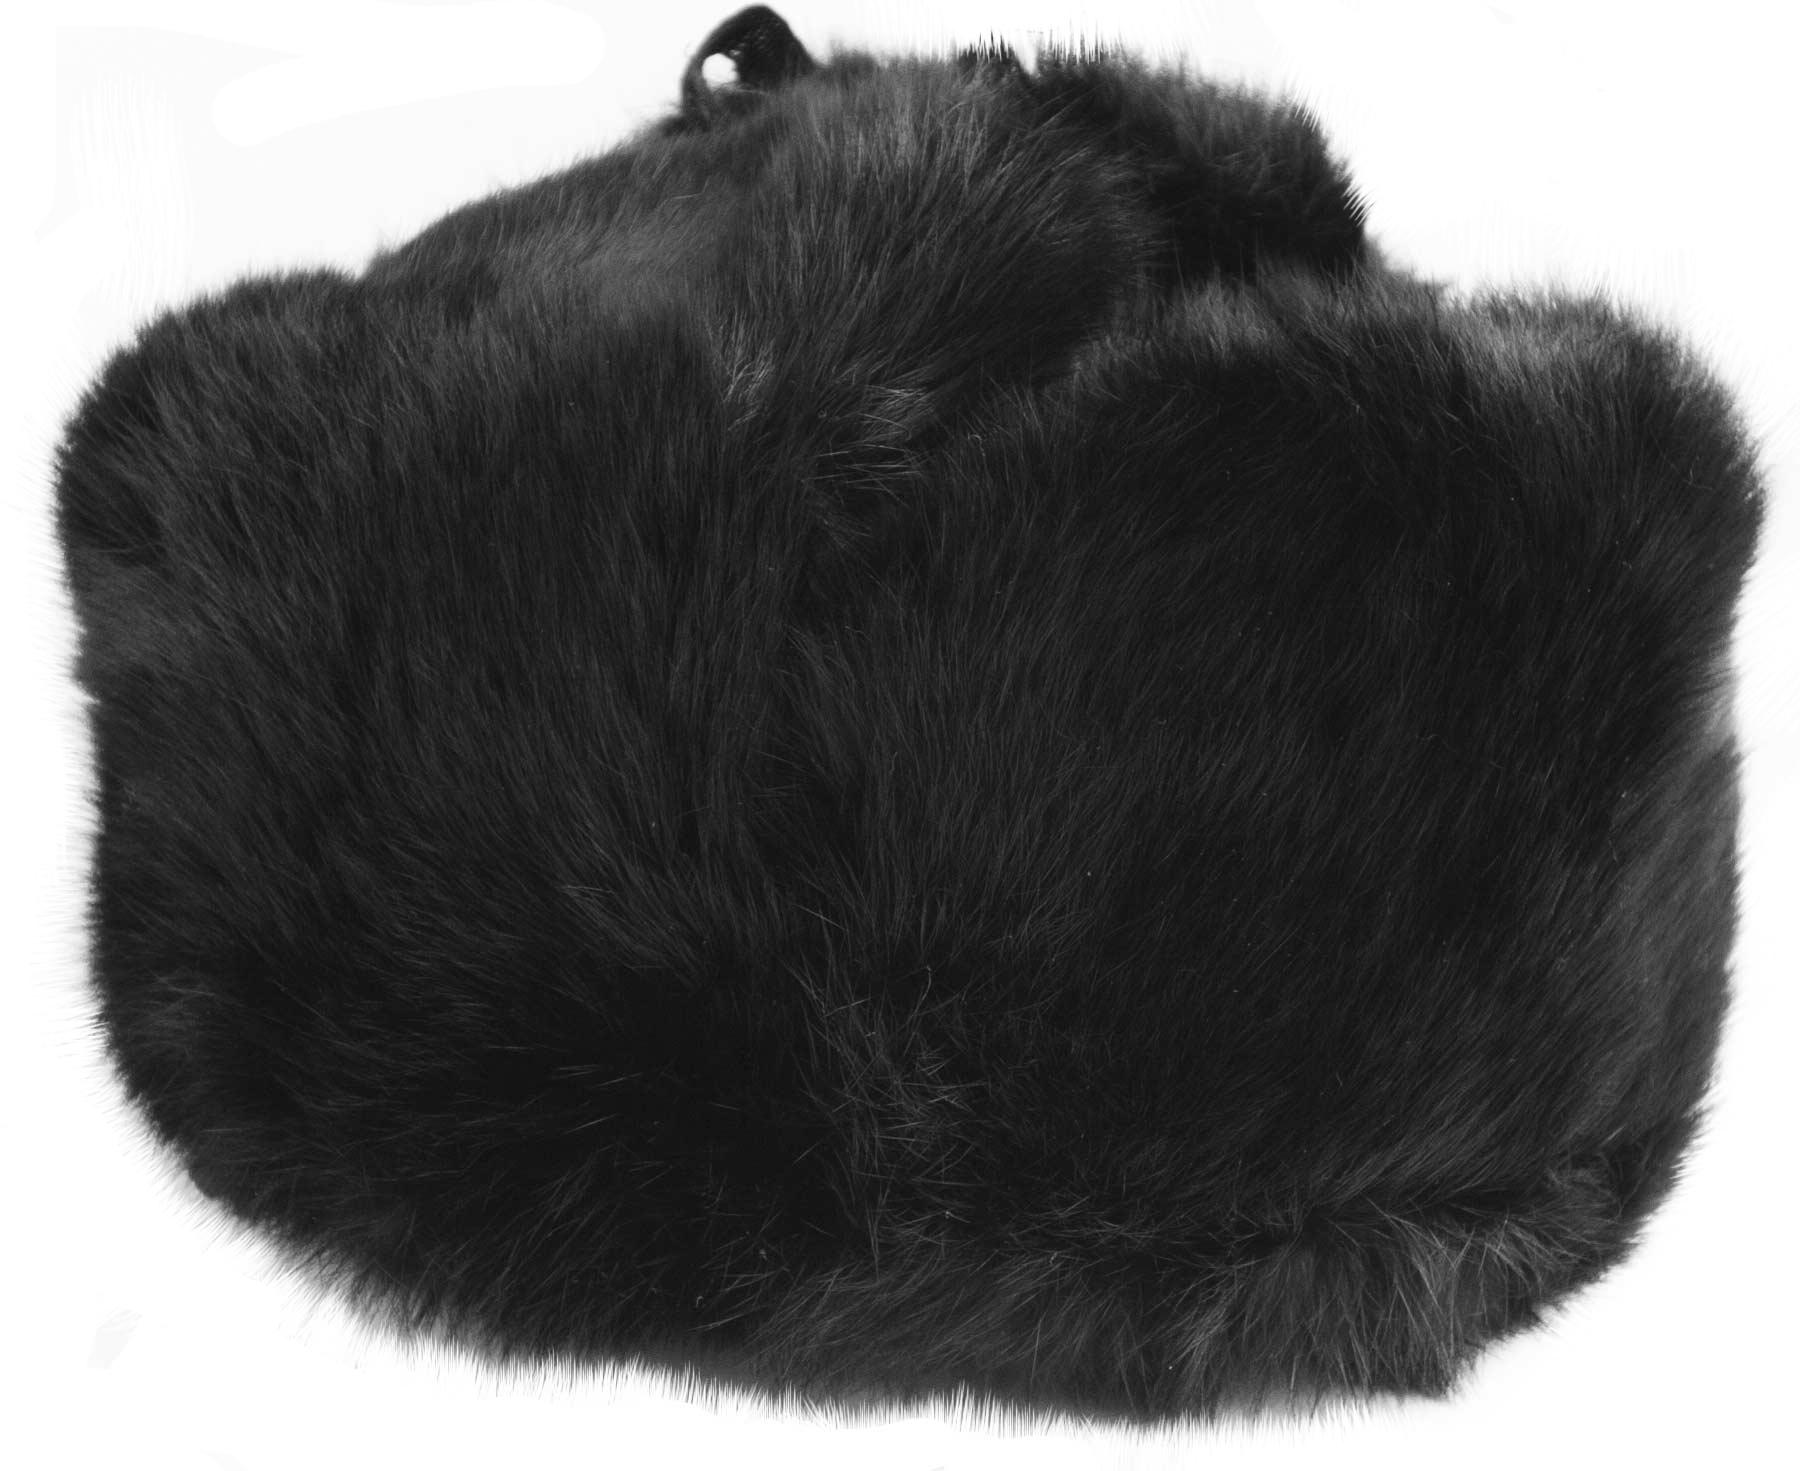 Hat size 58 conversion